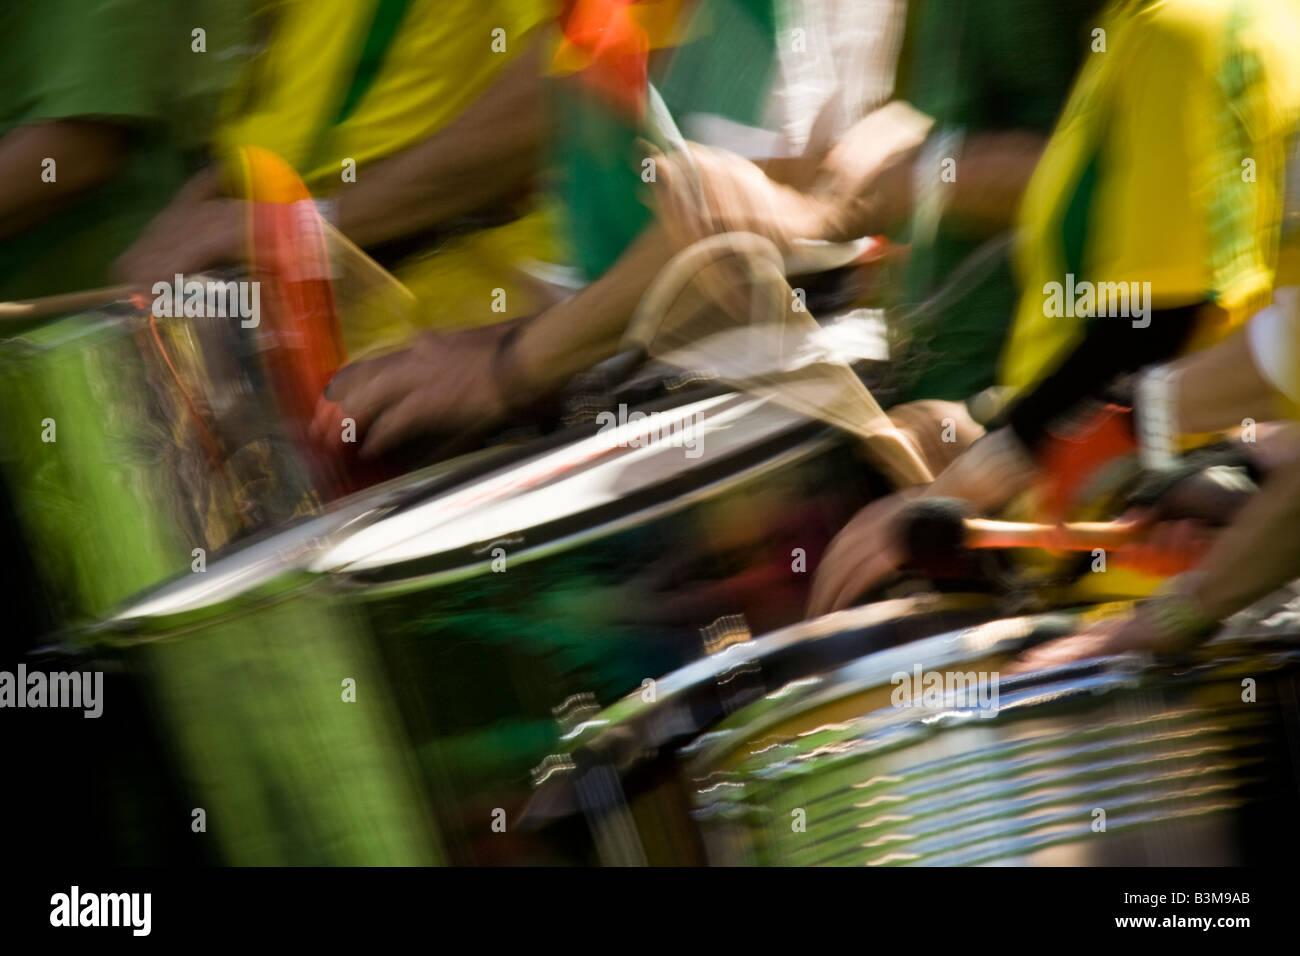 Le dalaï-lama s visite à Seattle Seattle 04122008 Qwest Field tambours Taiko partie de la Procession des Photo Stock